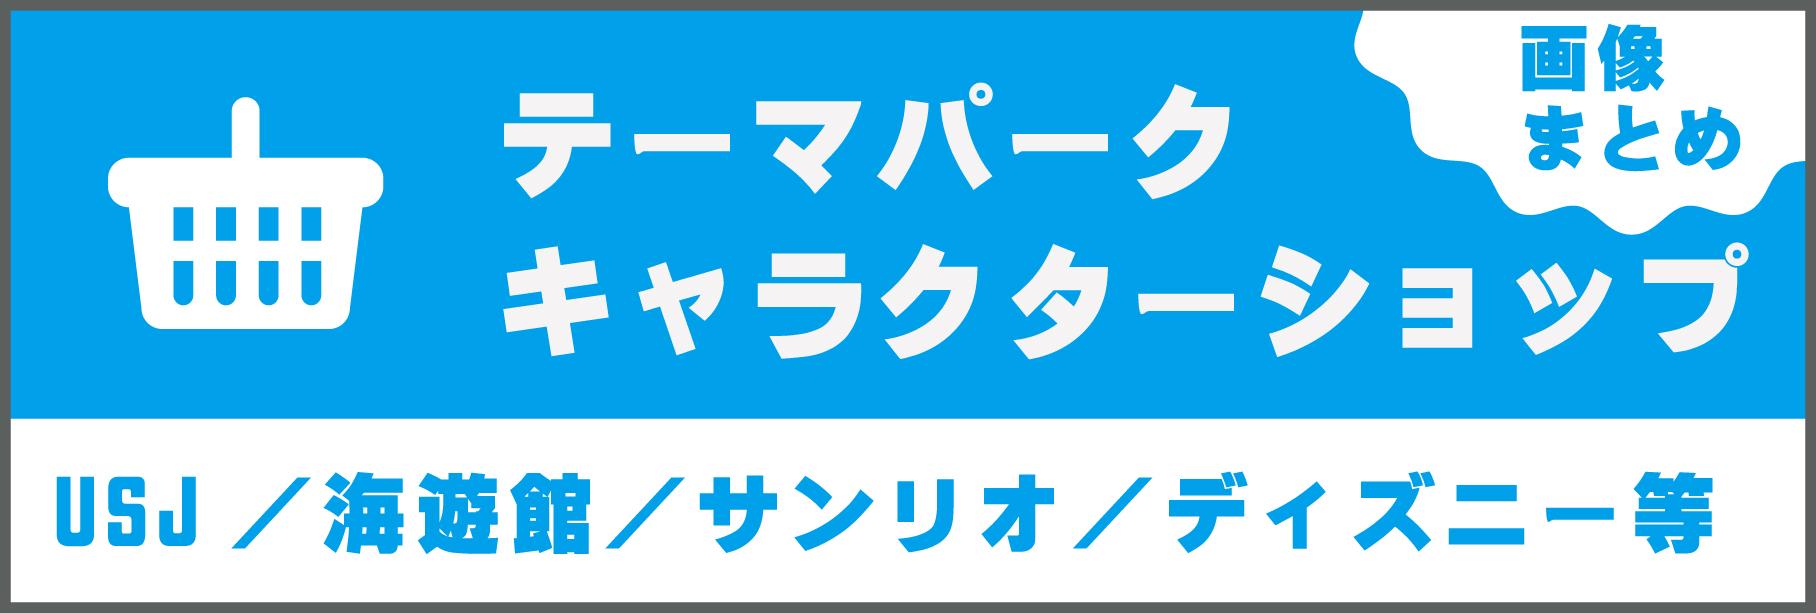 ディズニーシーお菓子お土産2018【画像一覧・値段】   オシャベ